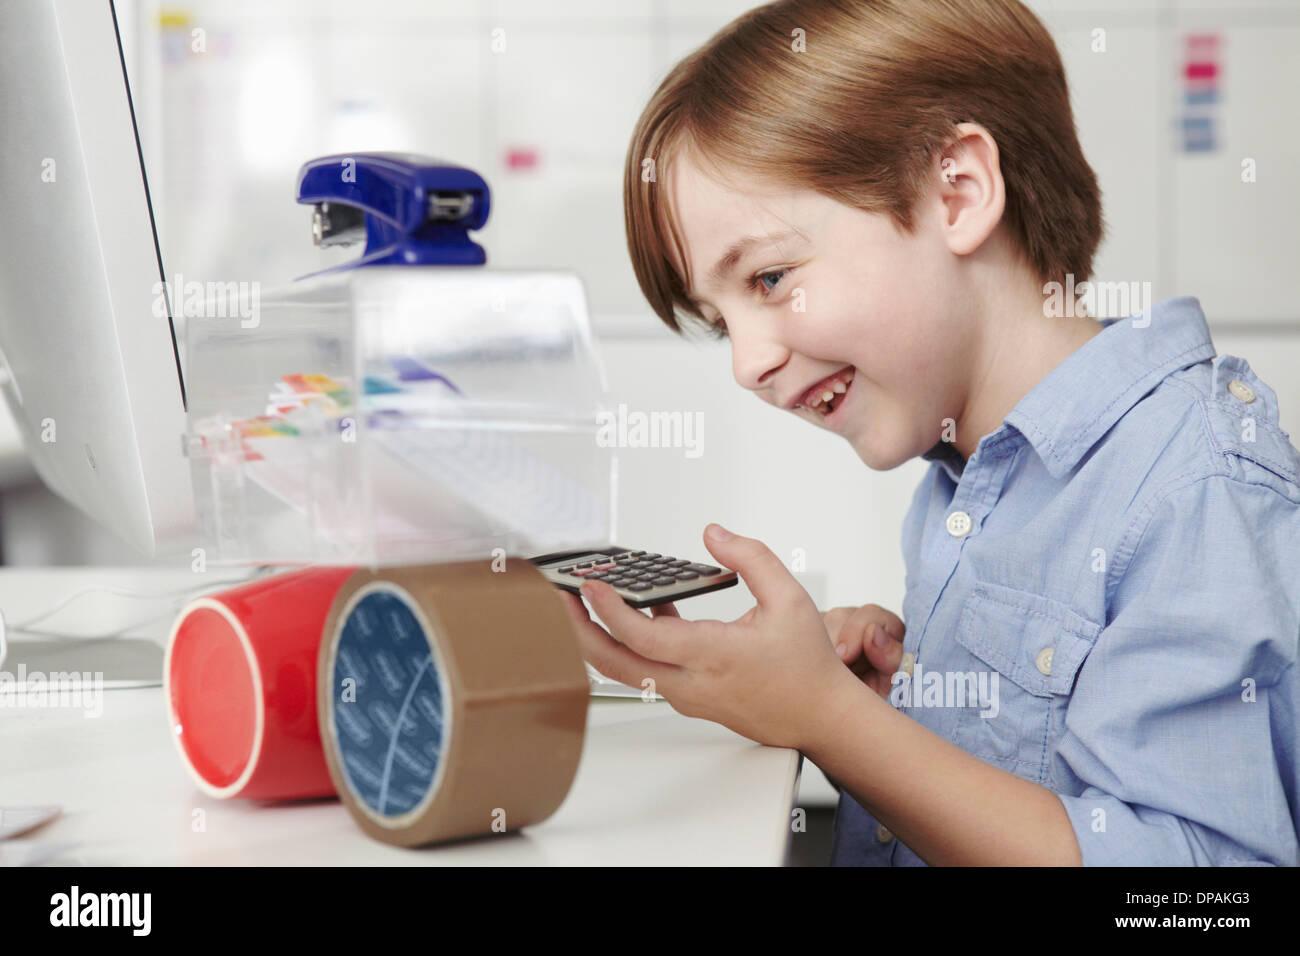 Garçon jouant avec l'équipement de bureau Photo Stock